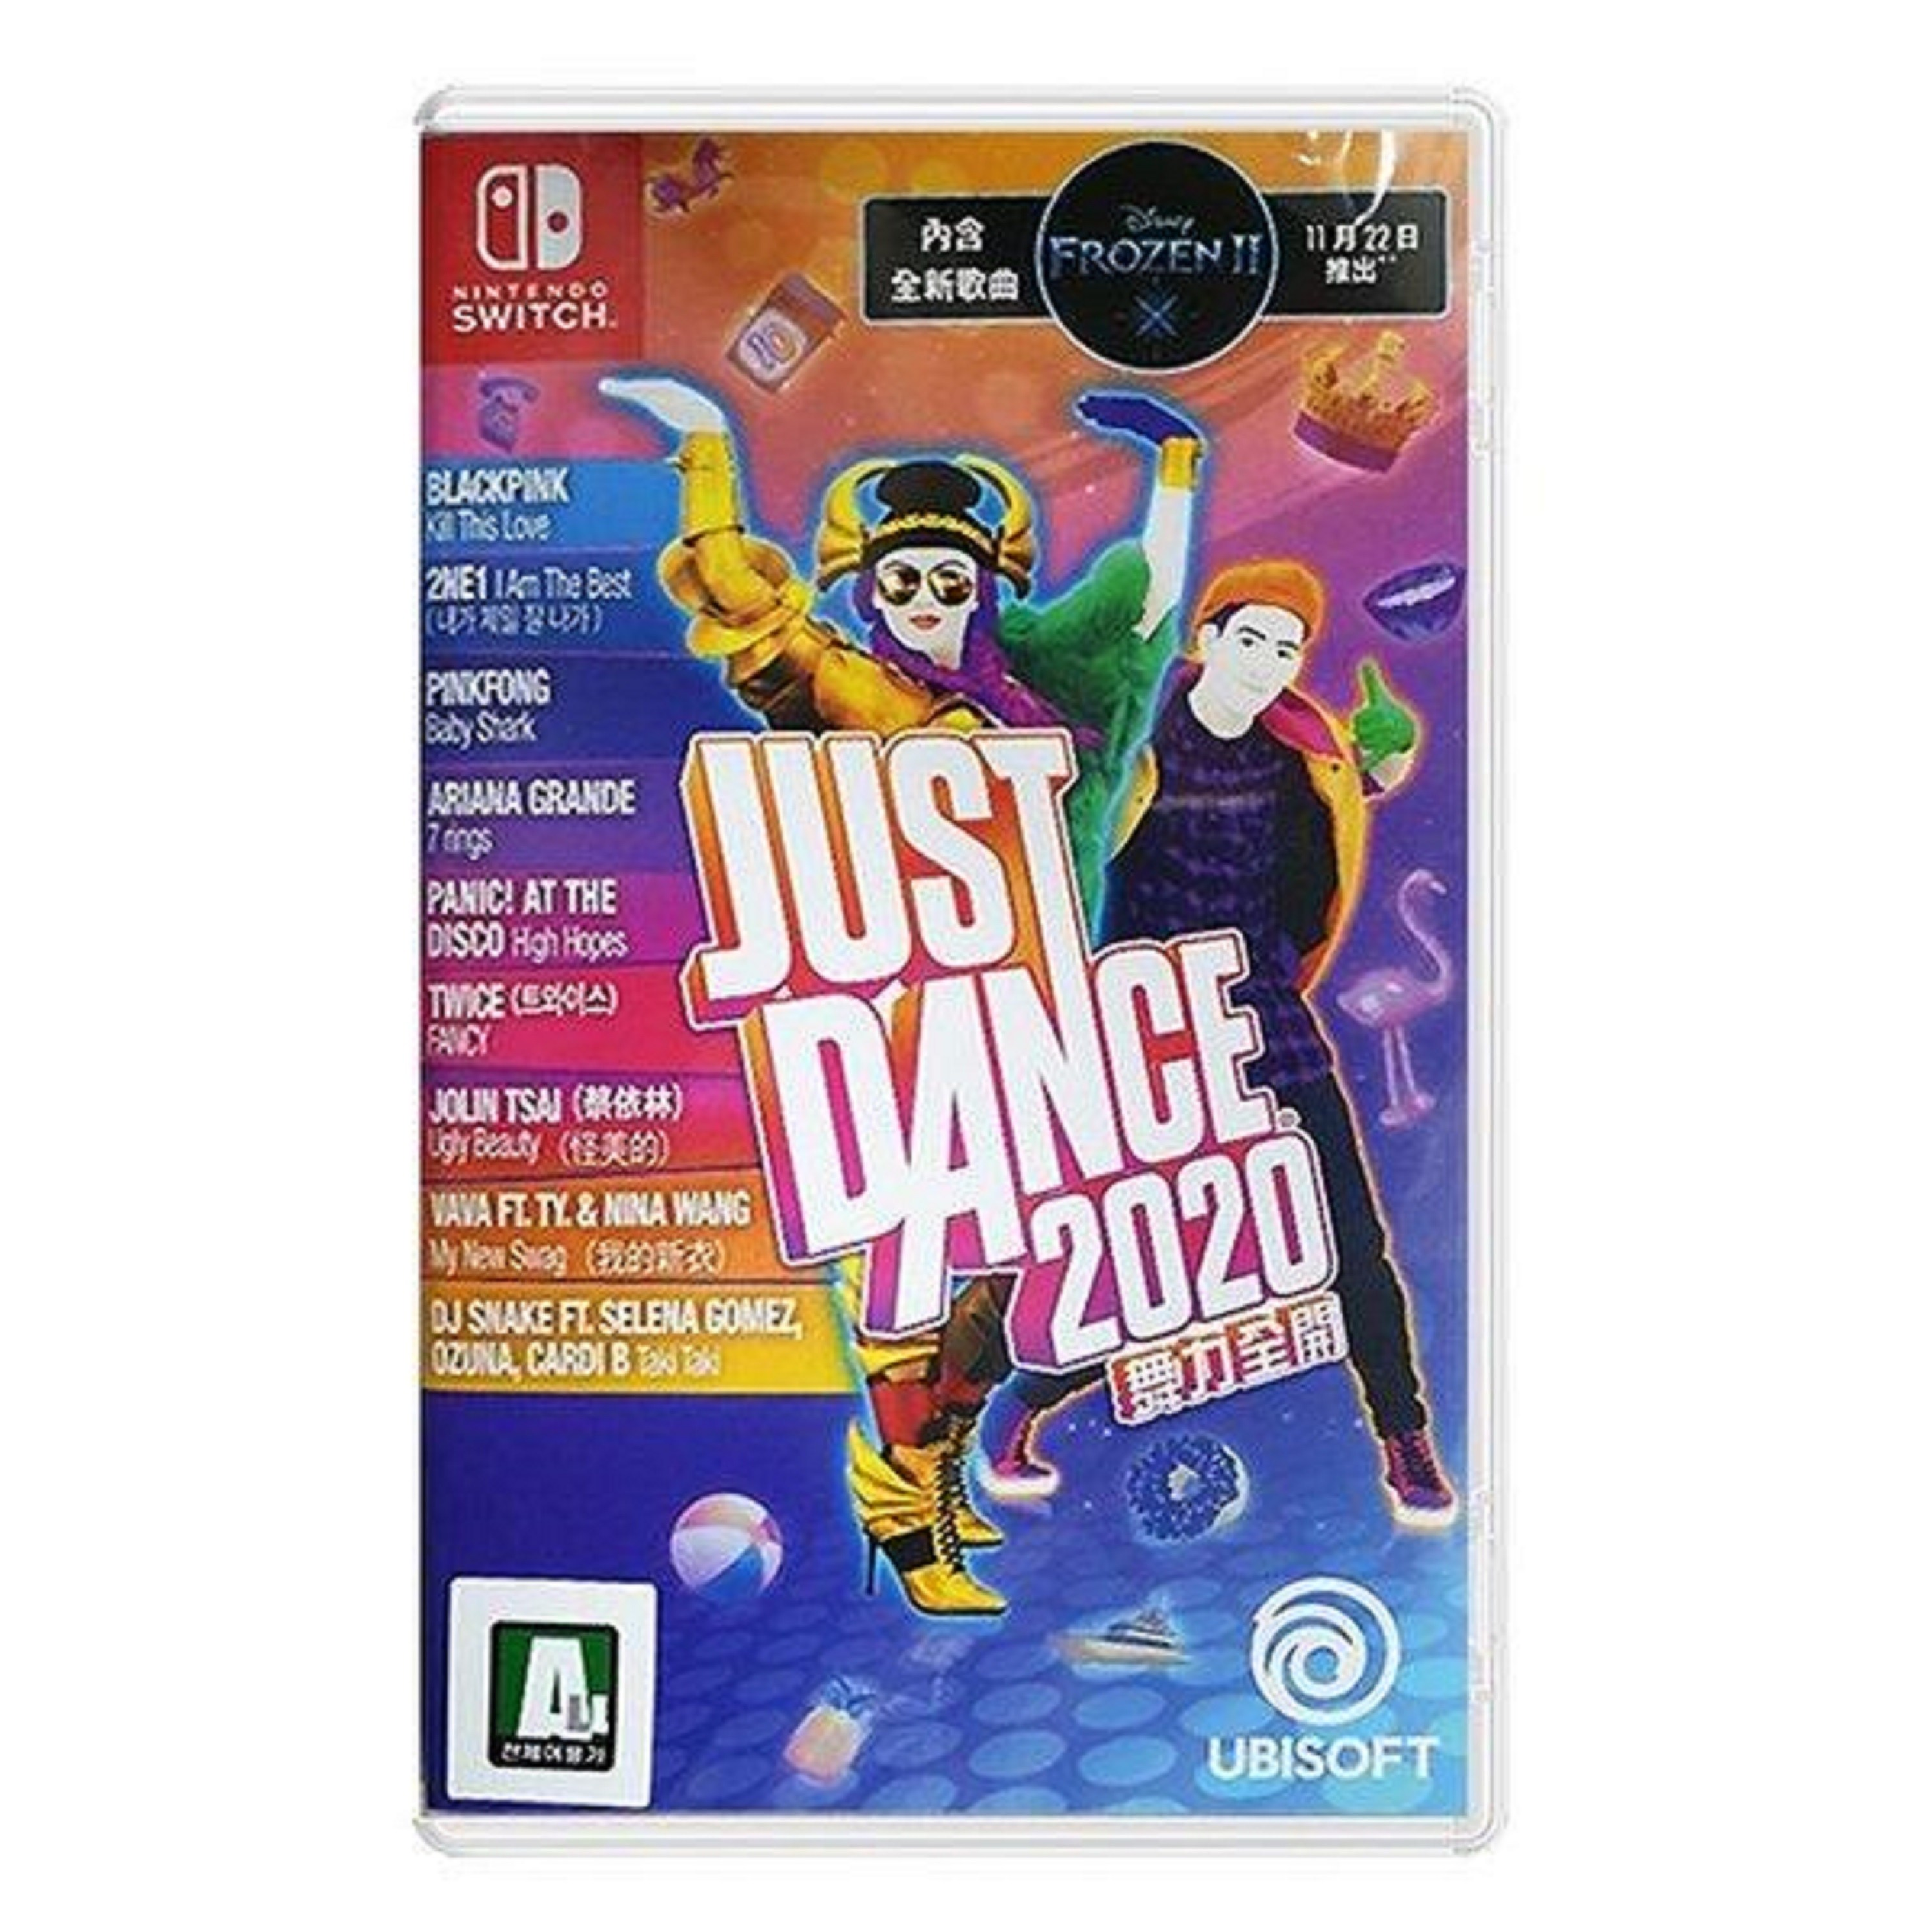 스위치 저스트댄스 2020 한글 저스트 댄스 한국정식수입 새제품, 스위치 저스트댄스 2020 한글 한국정식수입 새제품